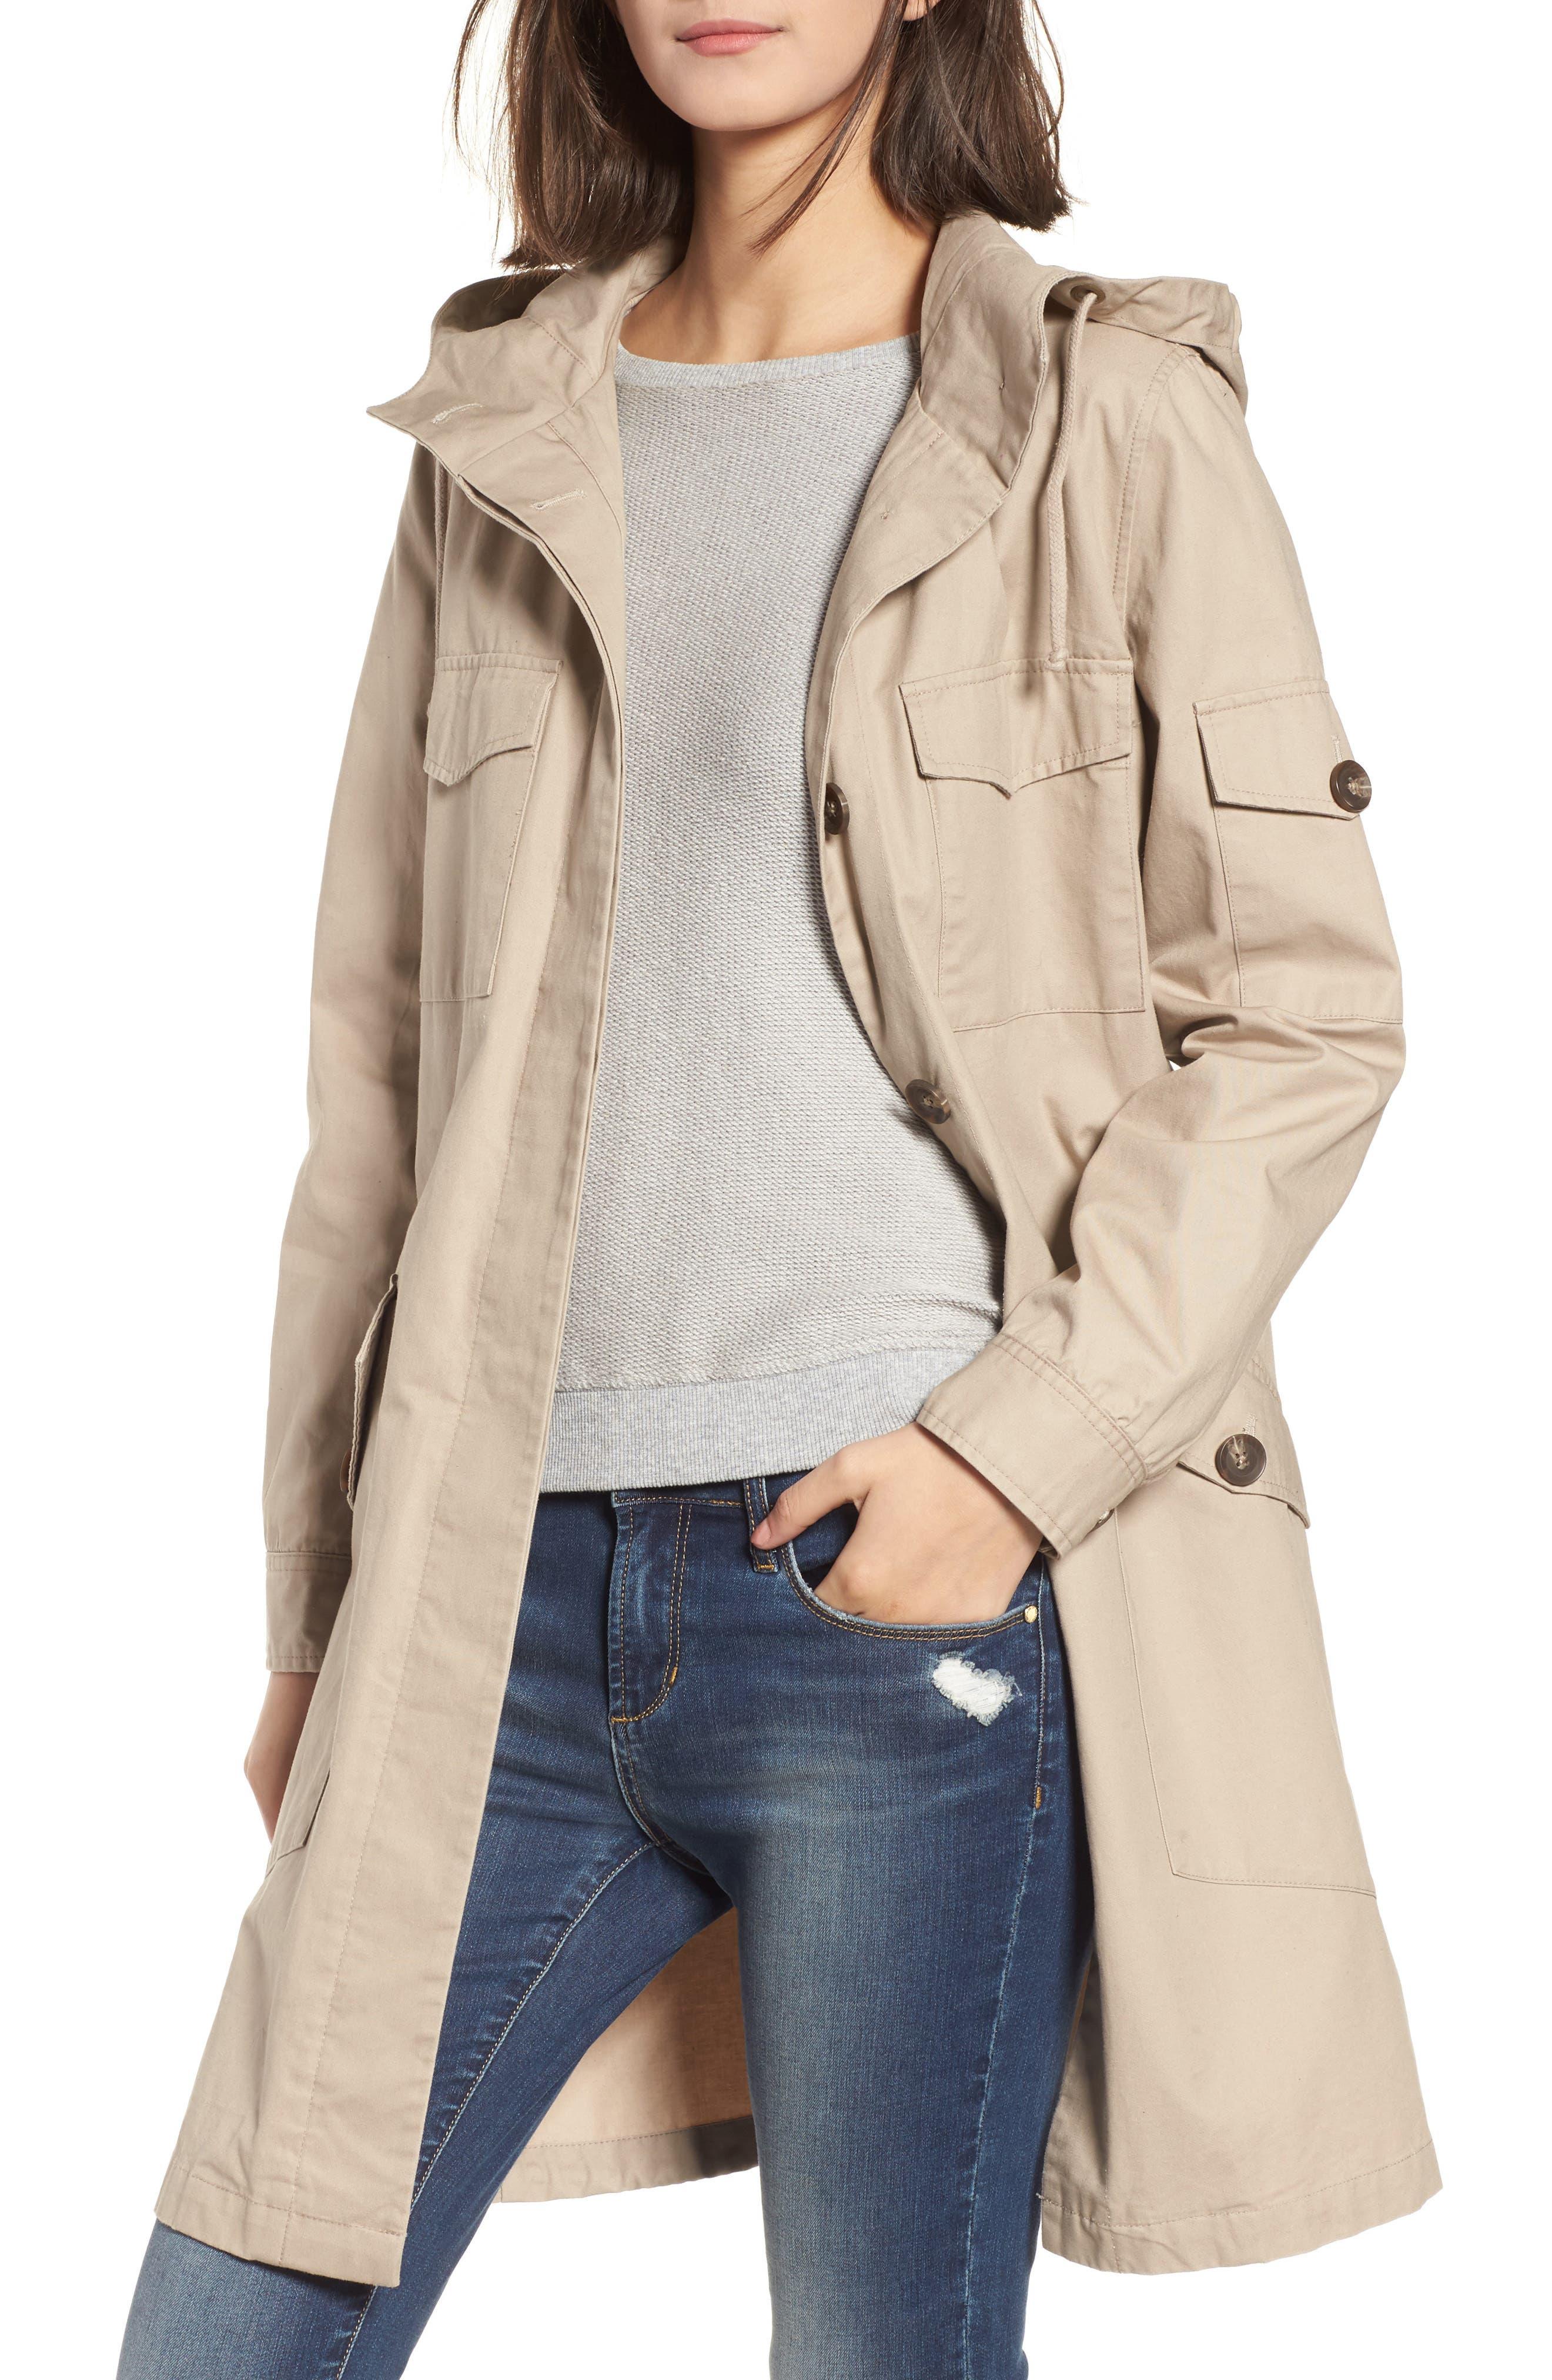 Noah Cotton Twill Coat,                         Main,                         color, 260